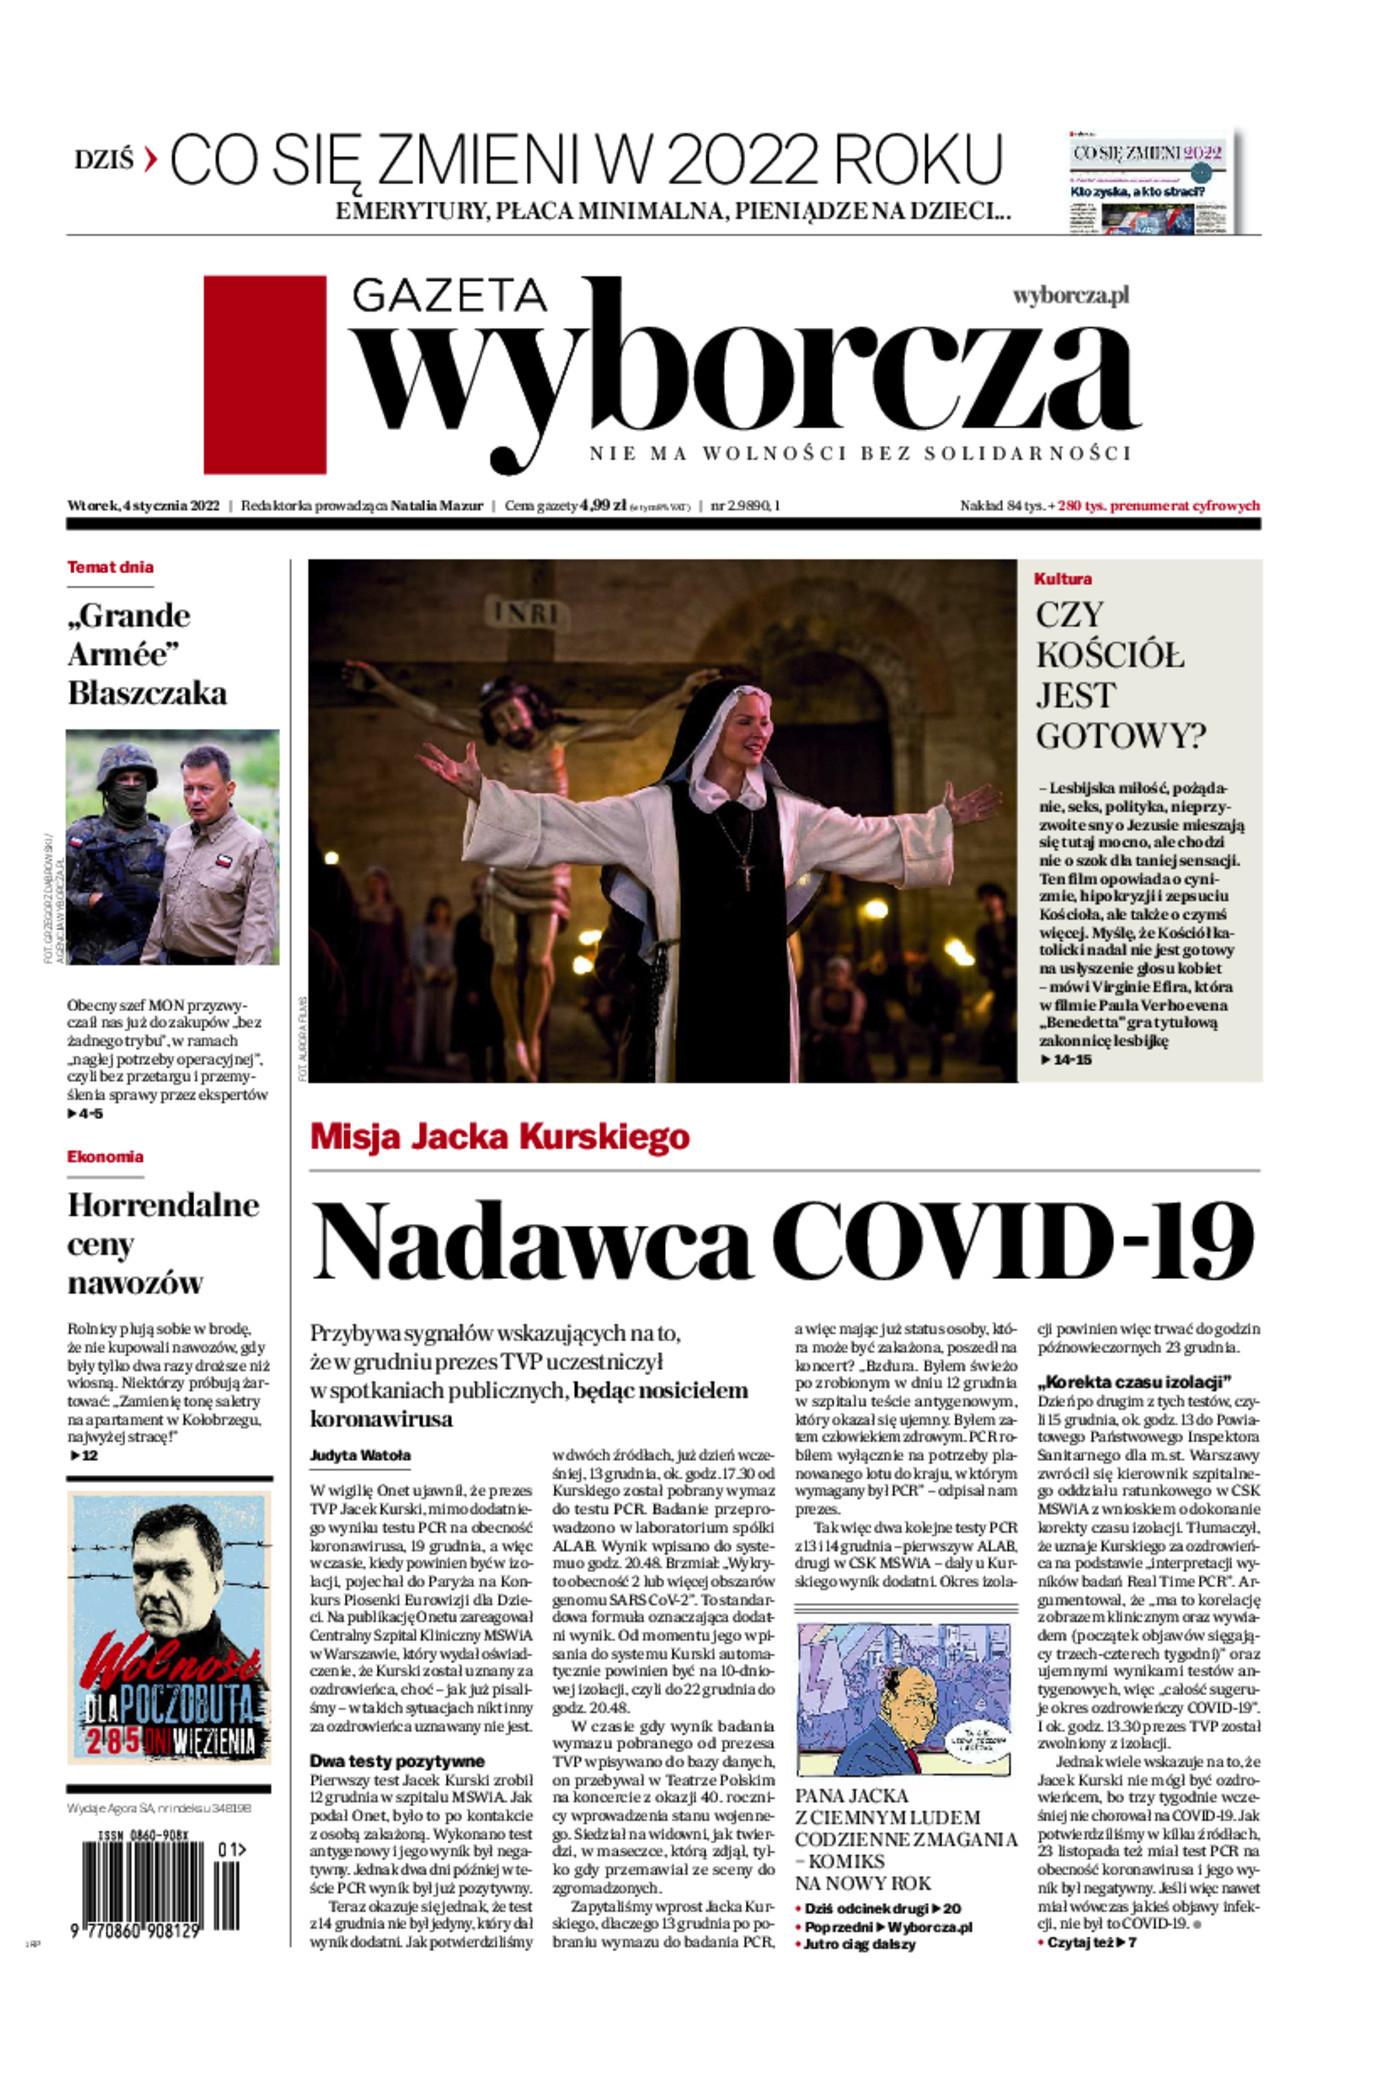 Gazeta Wyborcza Wroc�aw - ePrasa, dziennik, czasopismo spo�eczno-informacyjne, polityka, gospodarka, biznes